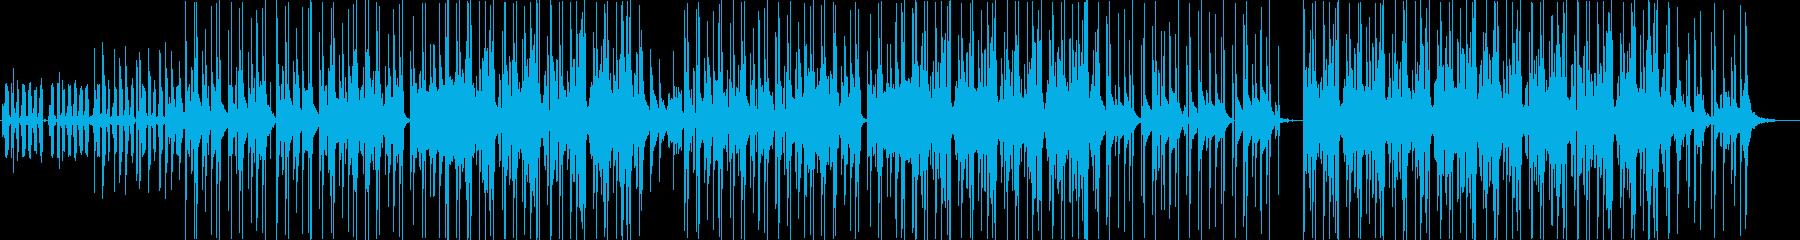 クールビューティーKpopの再生済みの波形